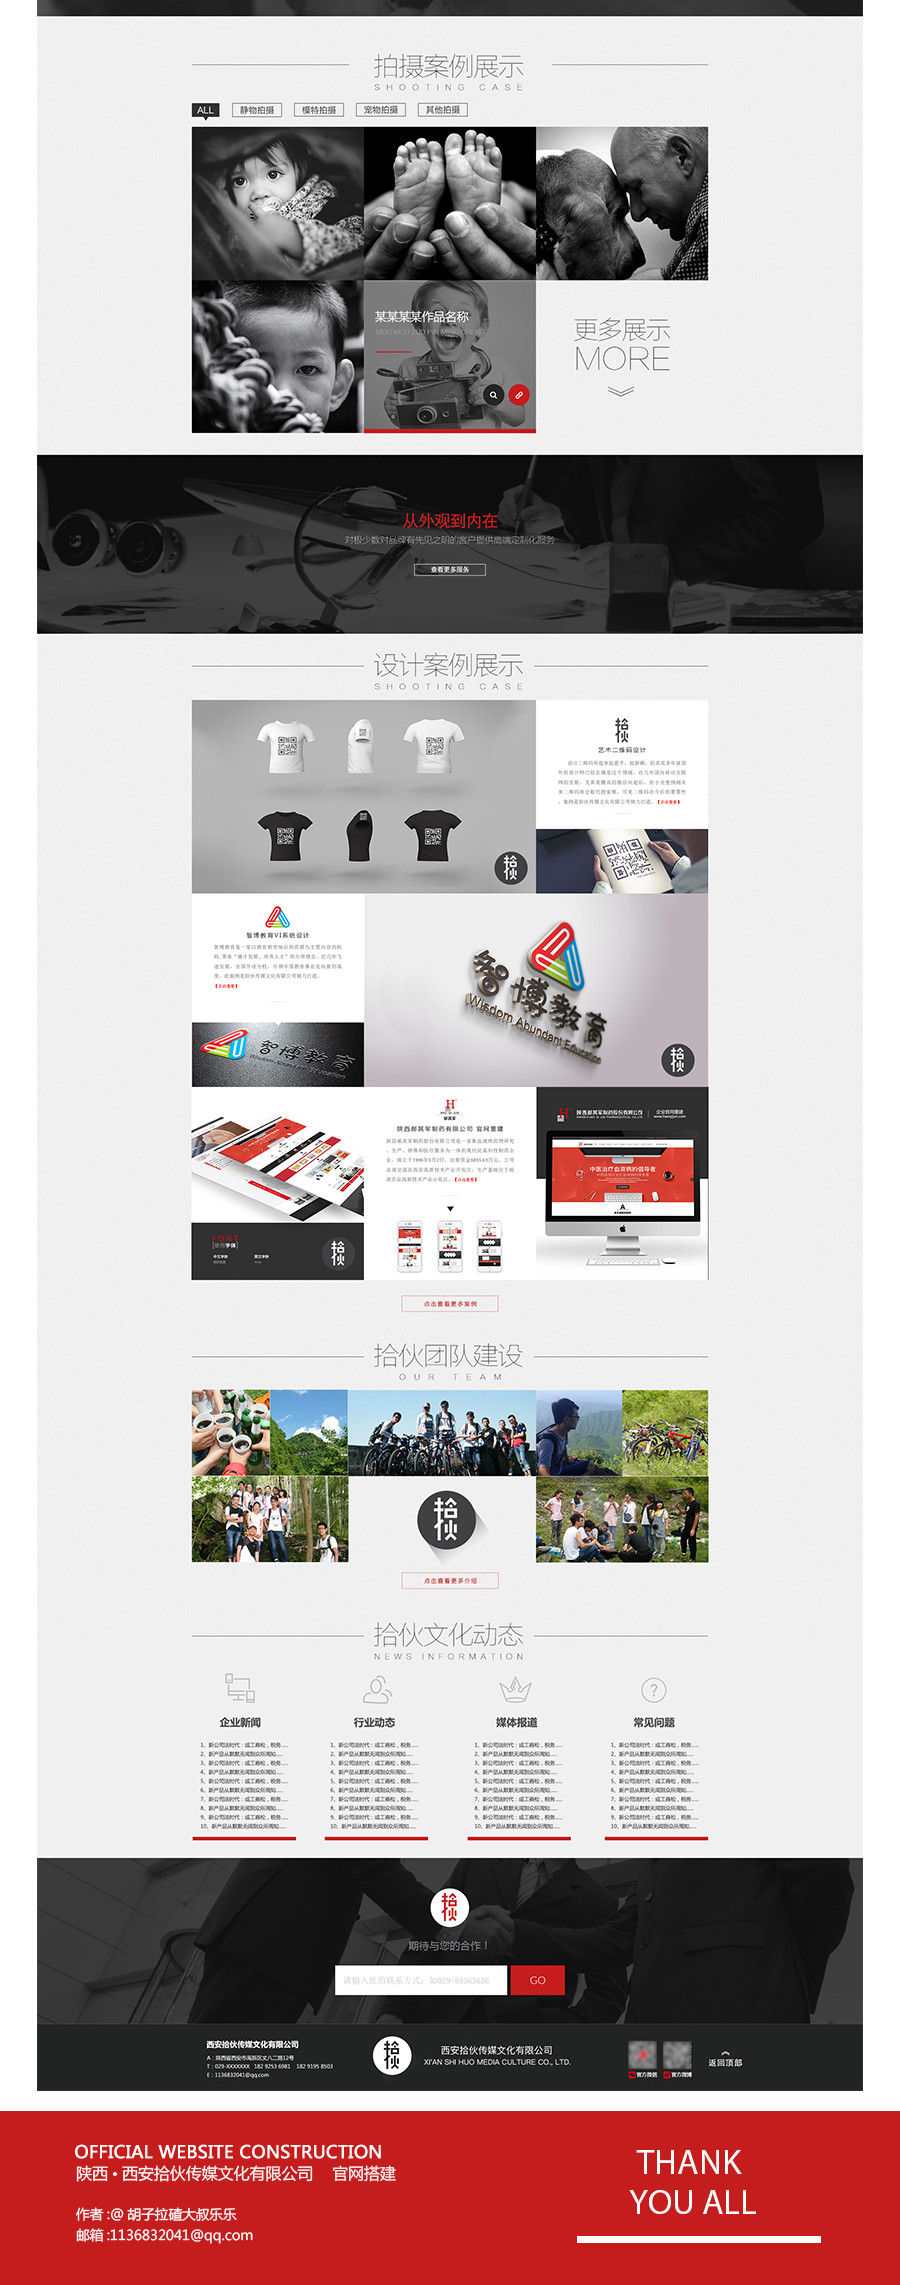 【Morse design】拾伙传媒文化有限公司官网设计